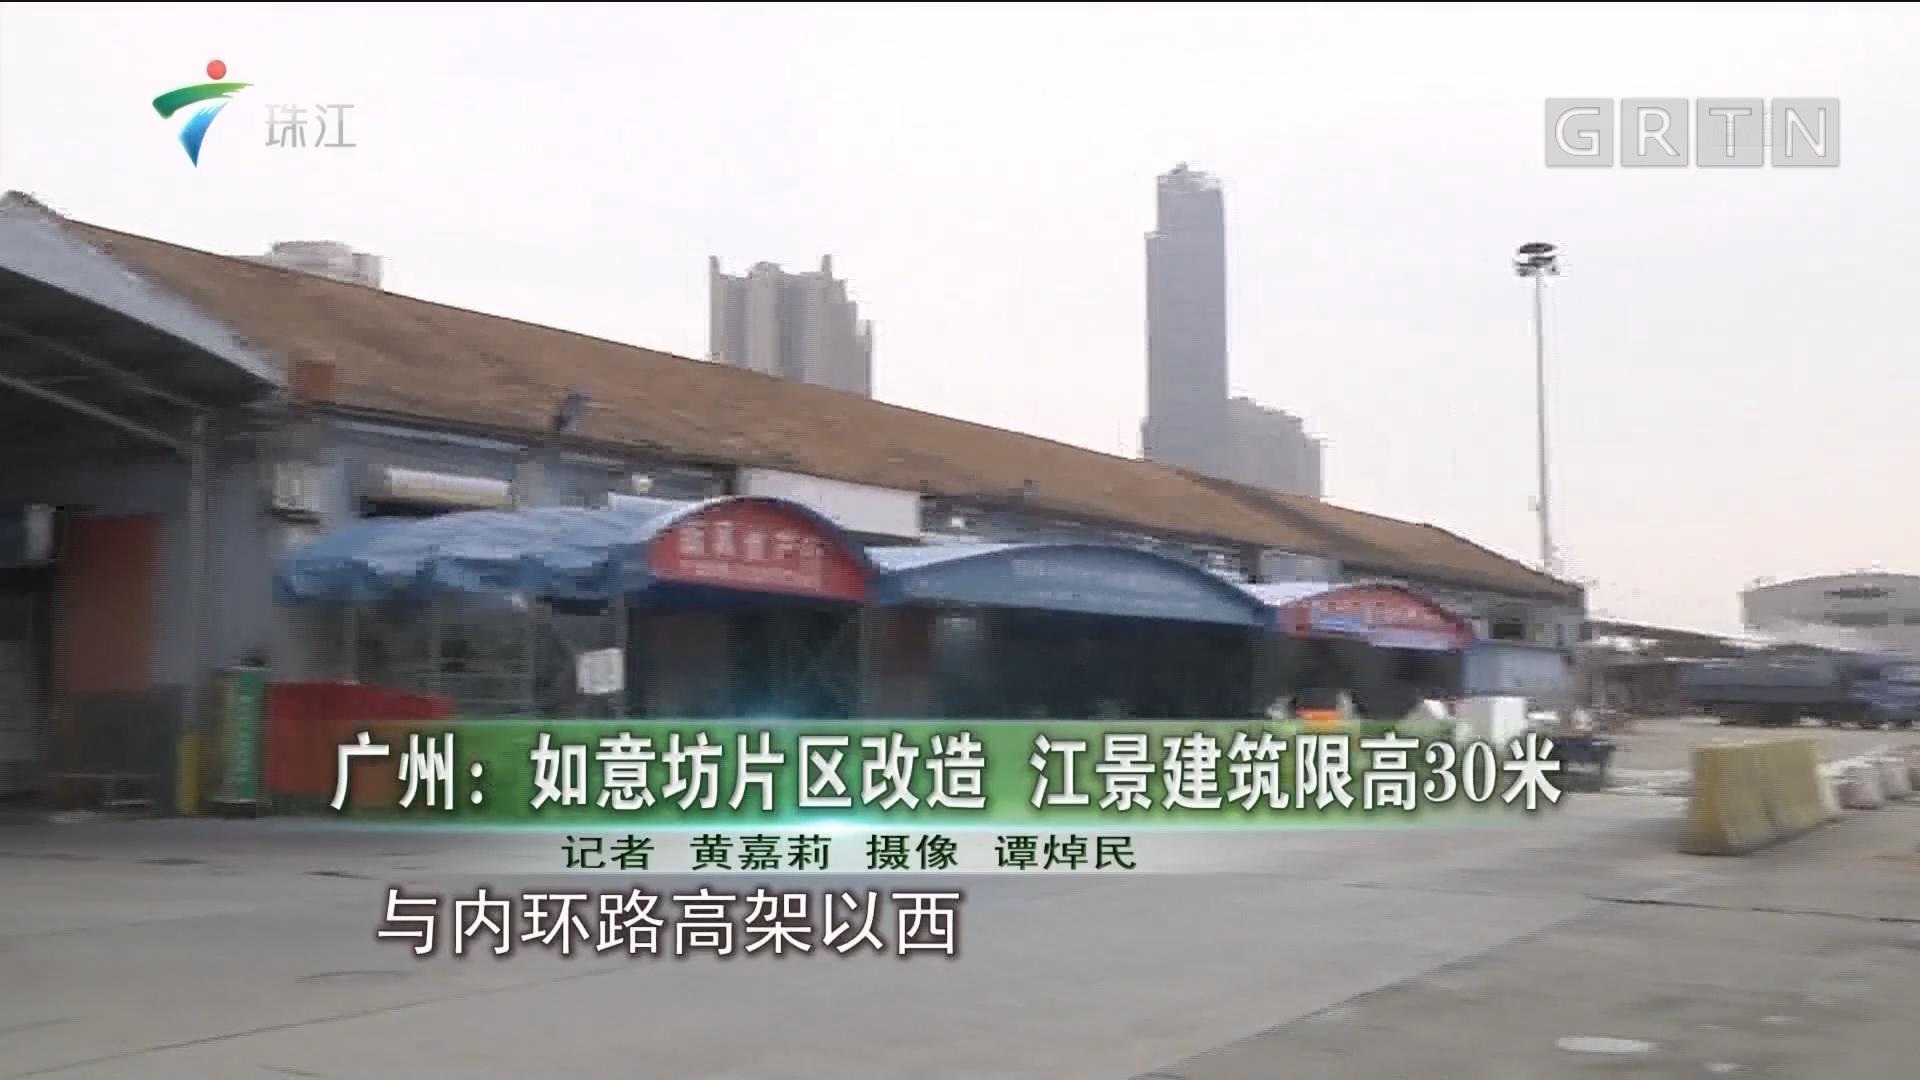 广州:如意坊片区改造 江景建筑限高30米